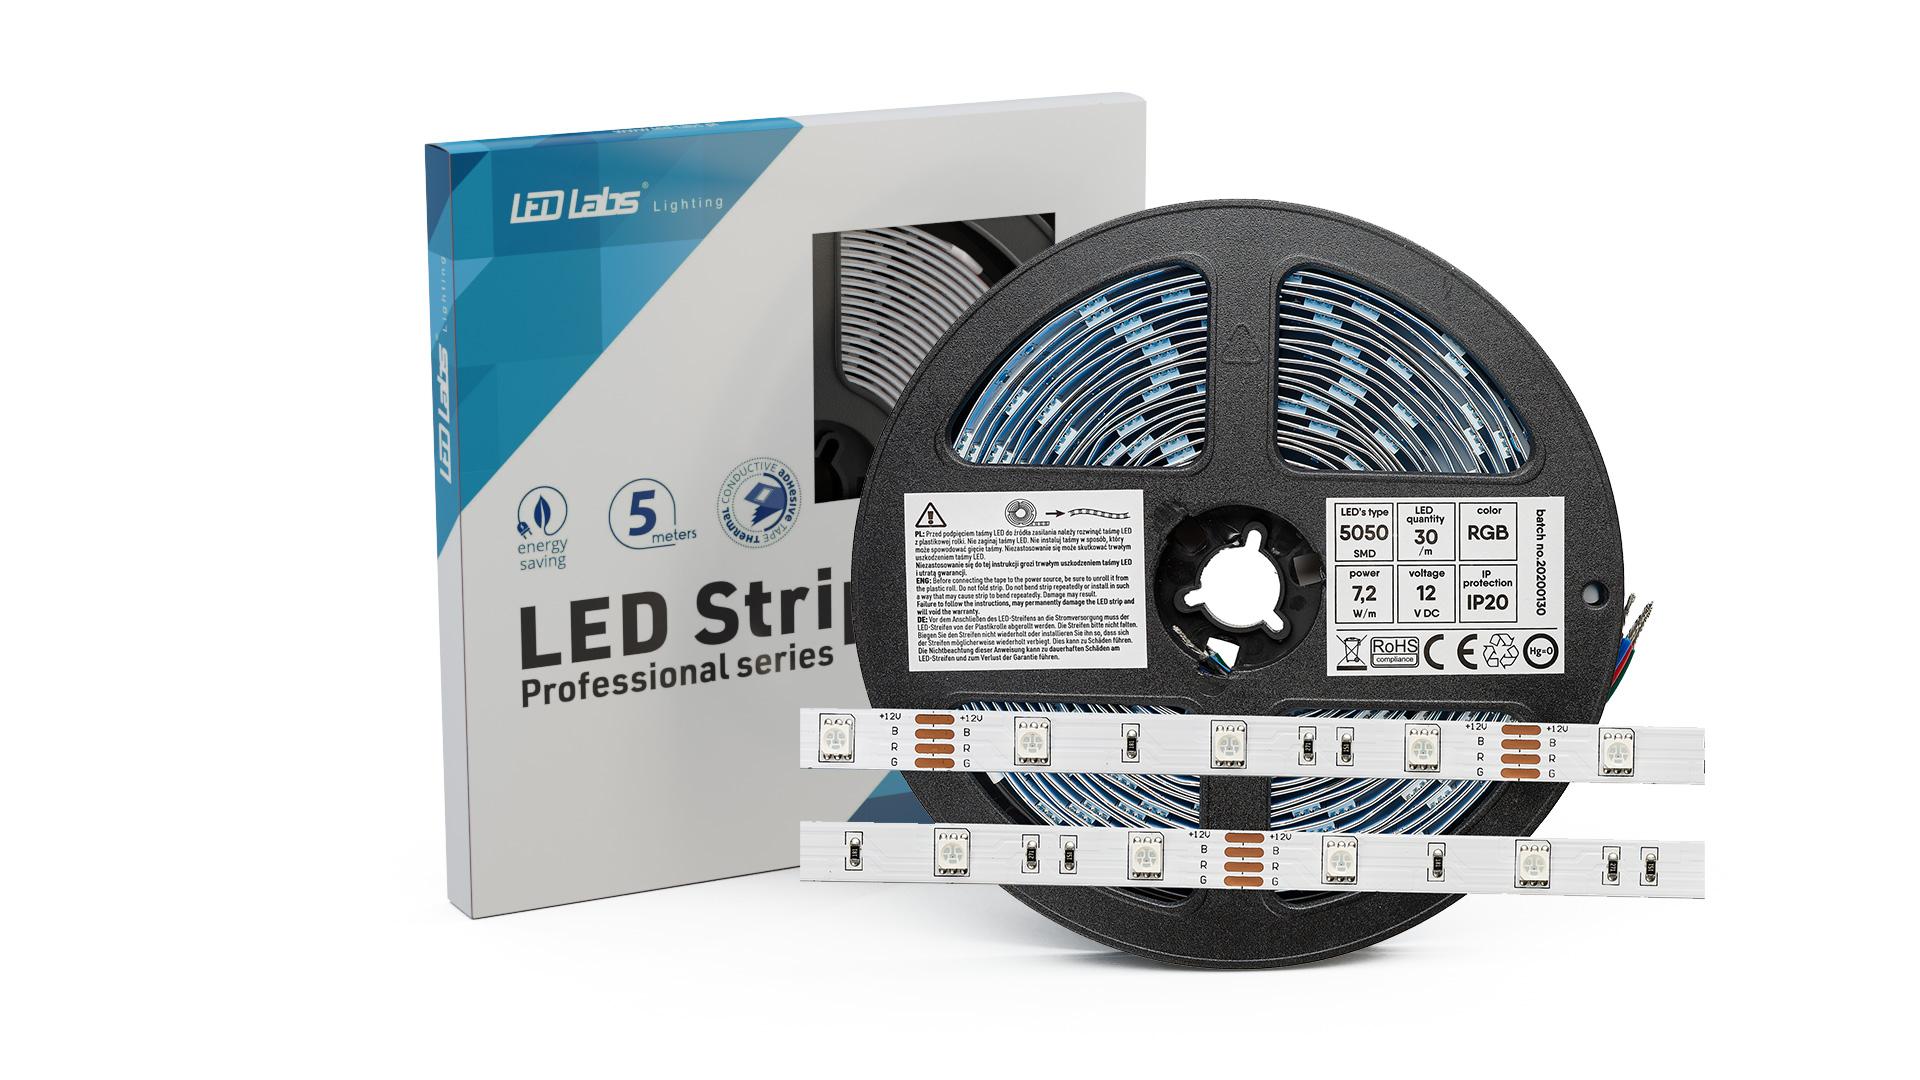 Taśma PRO 3Y 12V 150 LED 5050 SMD 7.2W RGB